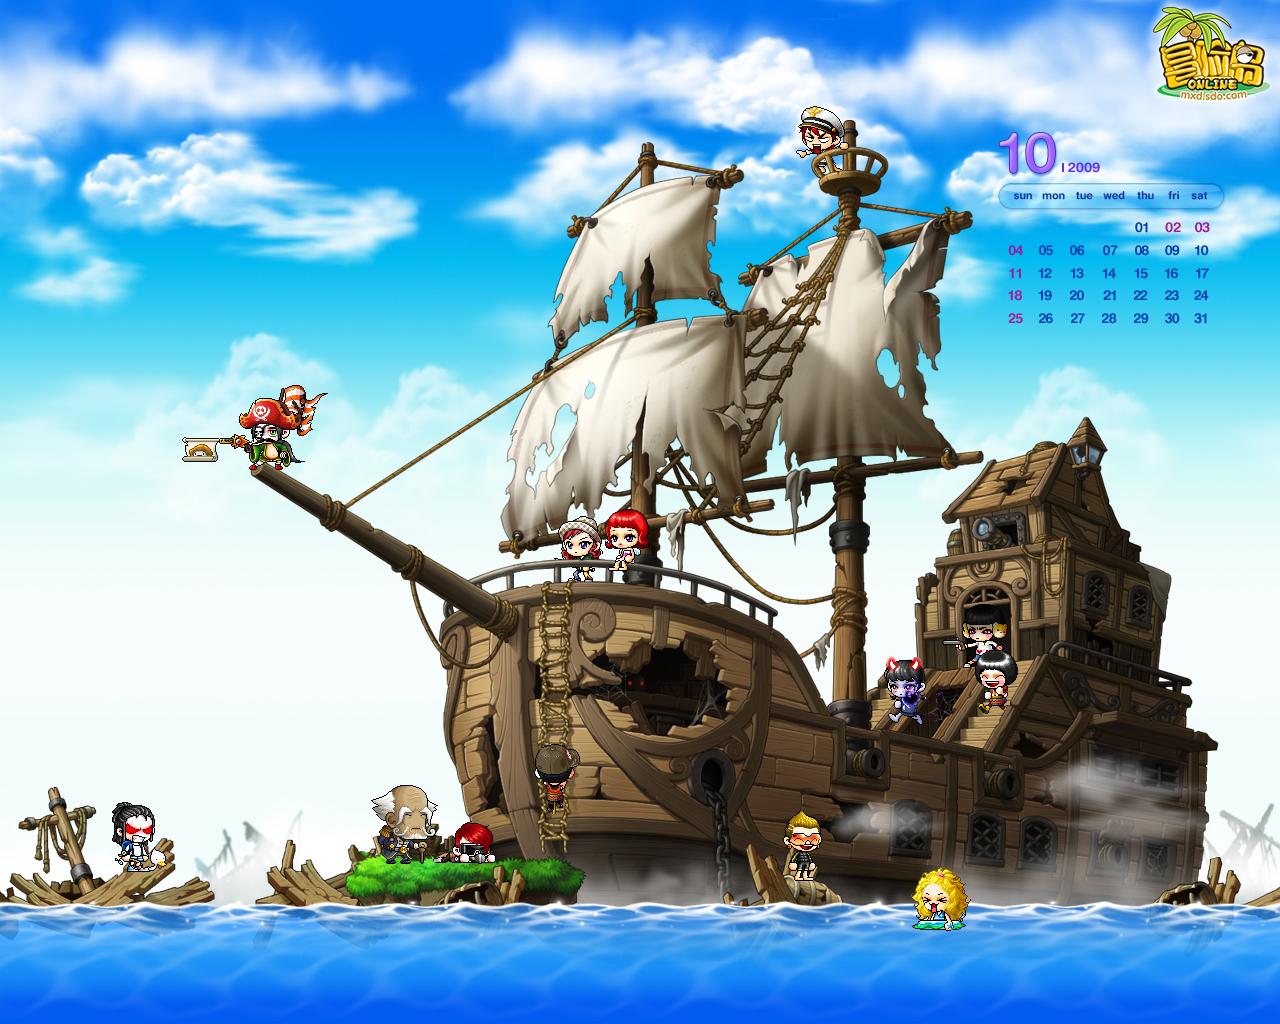 冒险岛幽灵船壁纸